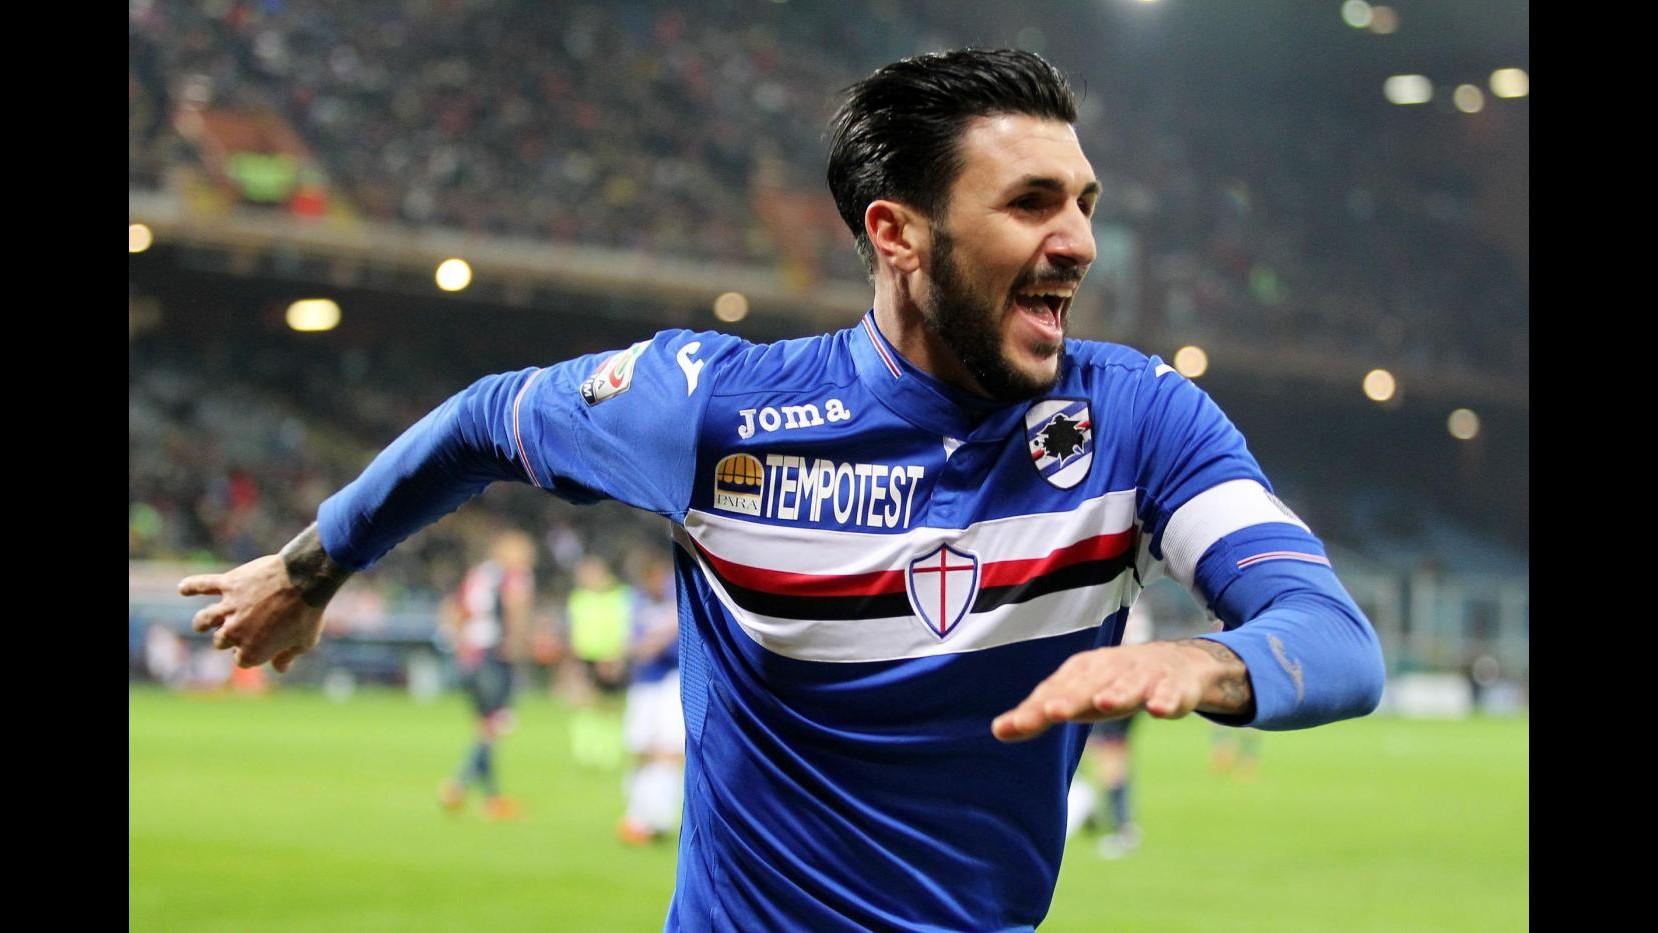 Serie A, il derby è della Samp: Genoa sconfitto e contestato